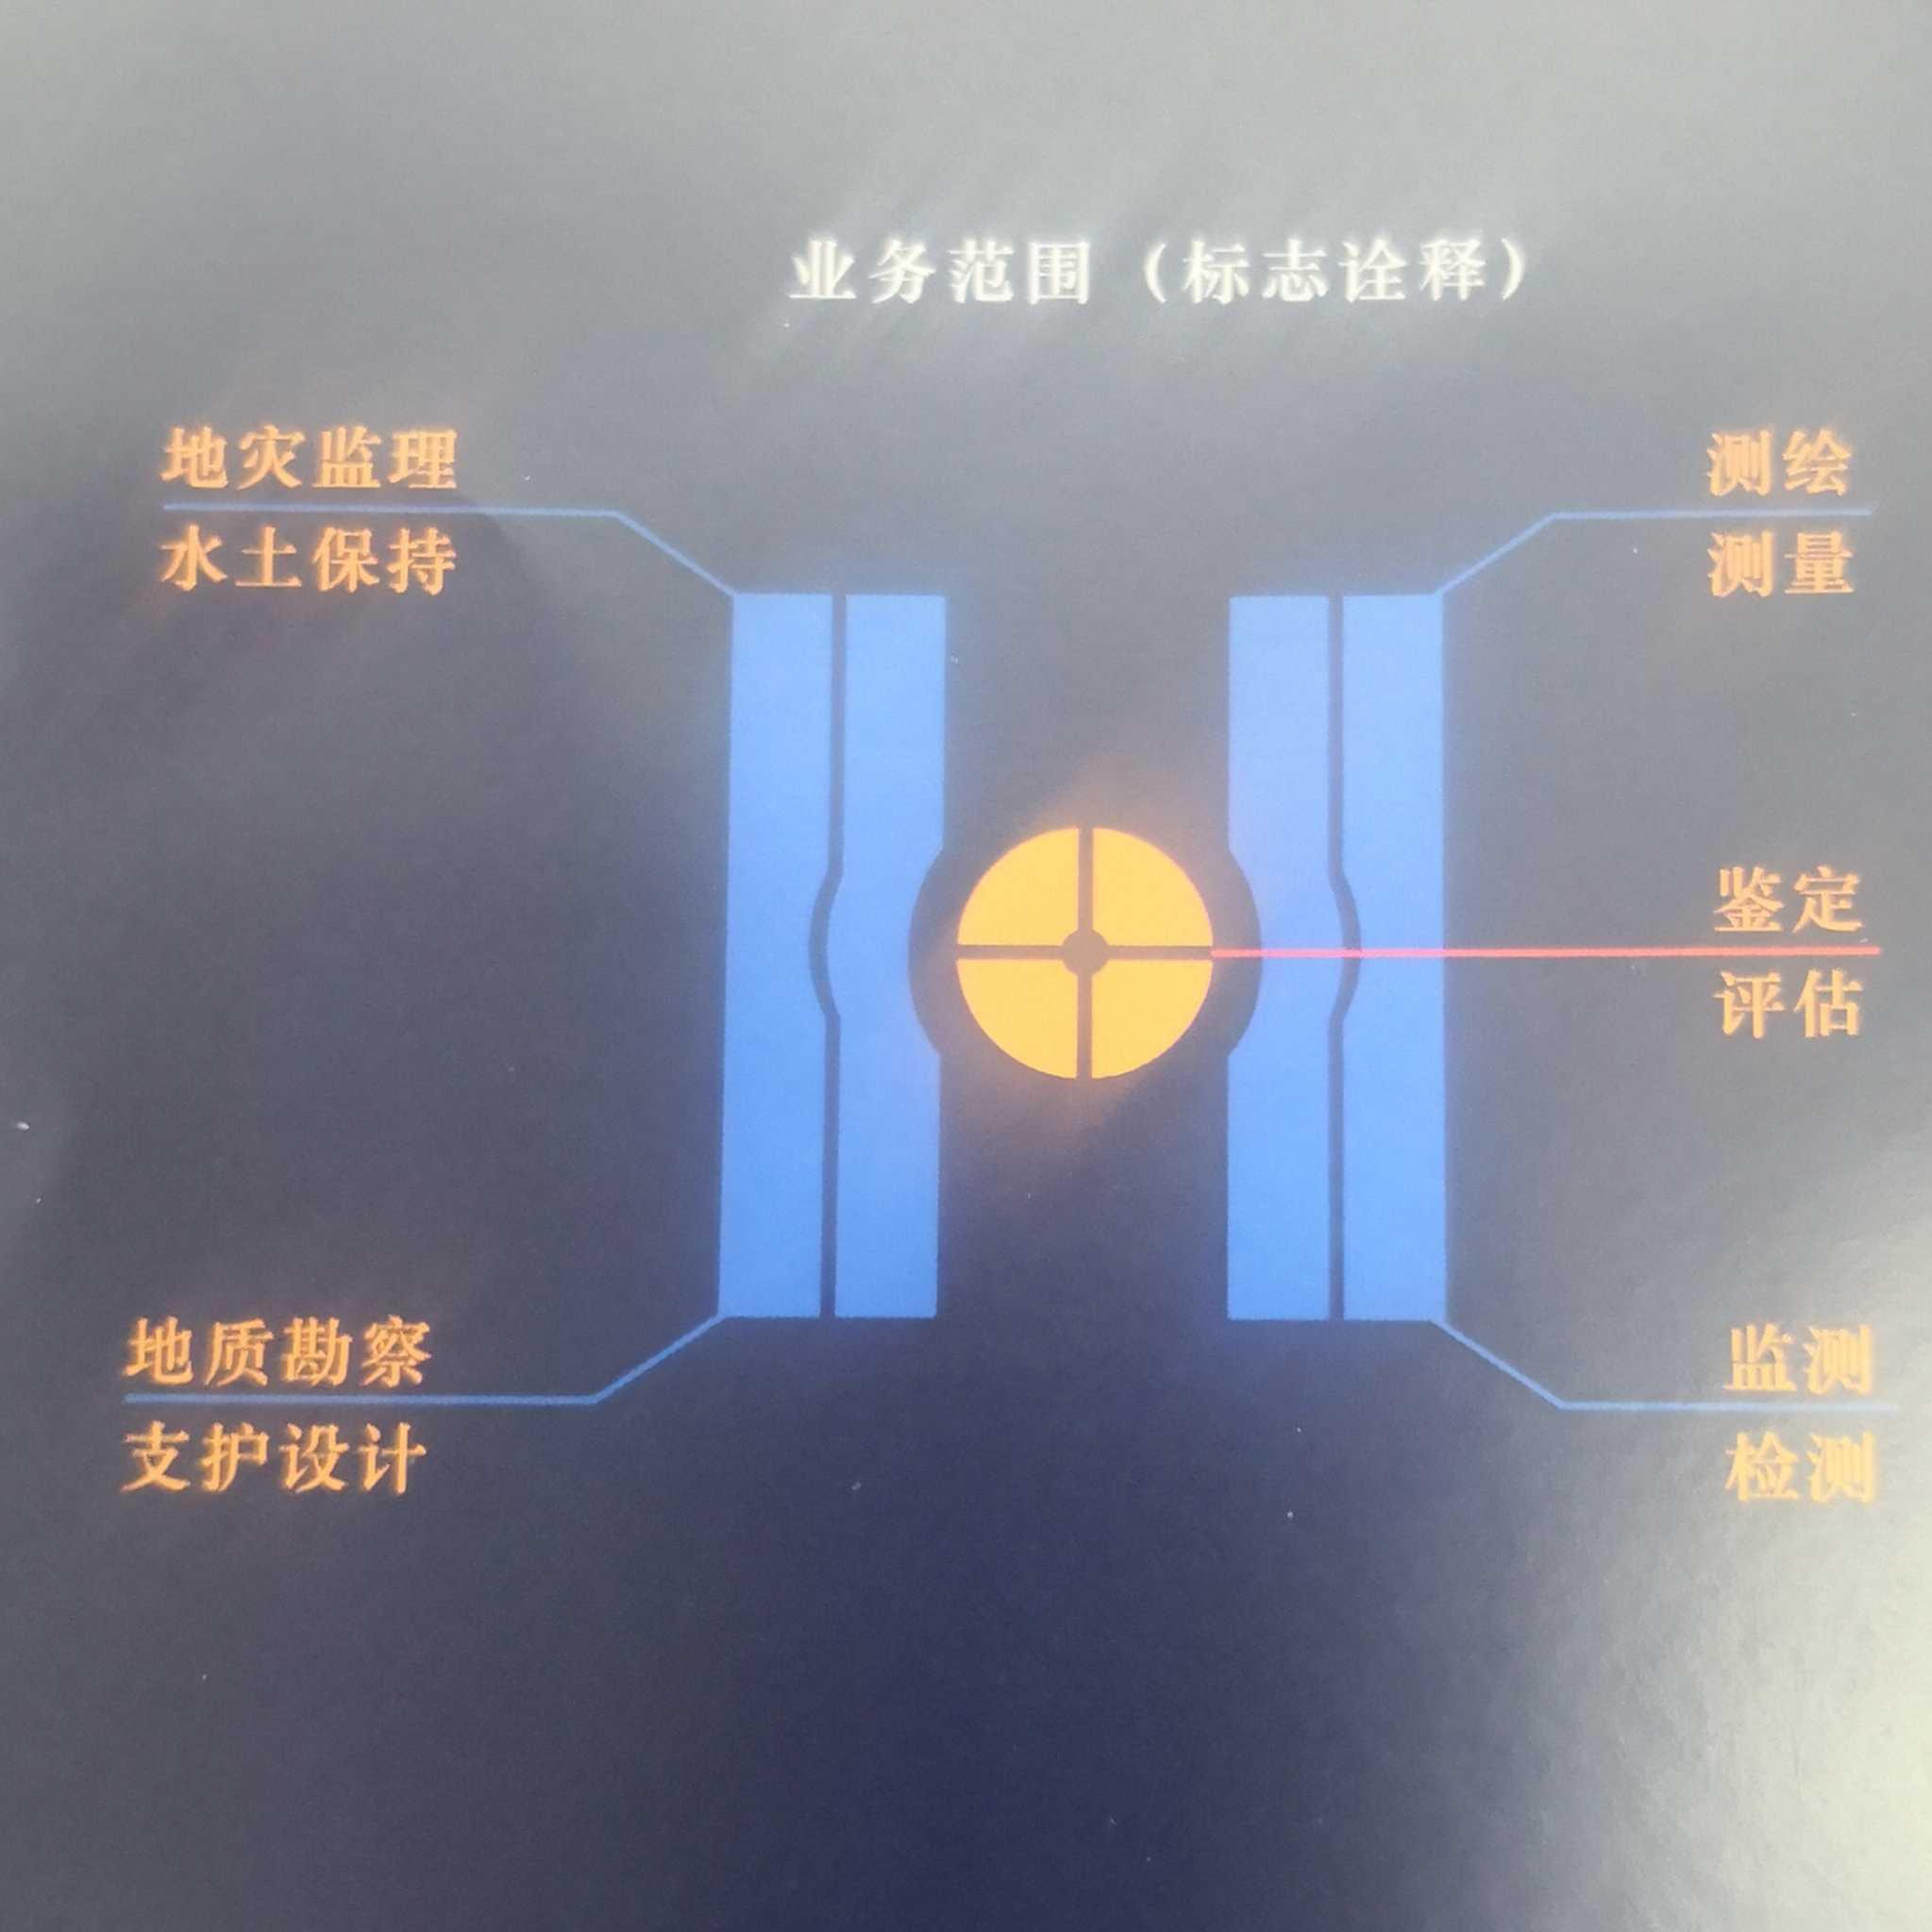 广东海业岩土工程有限公司